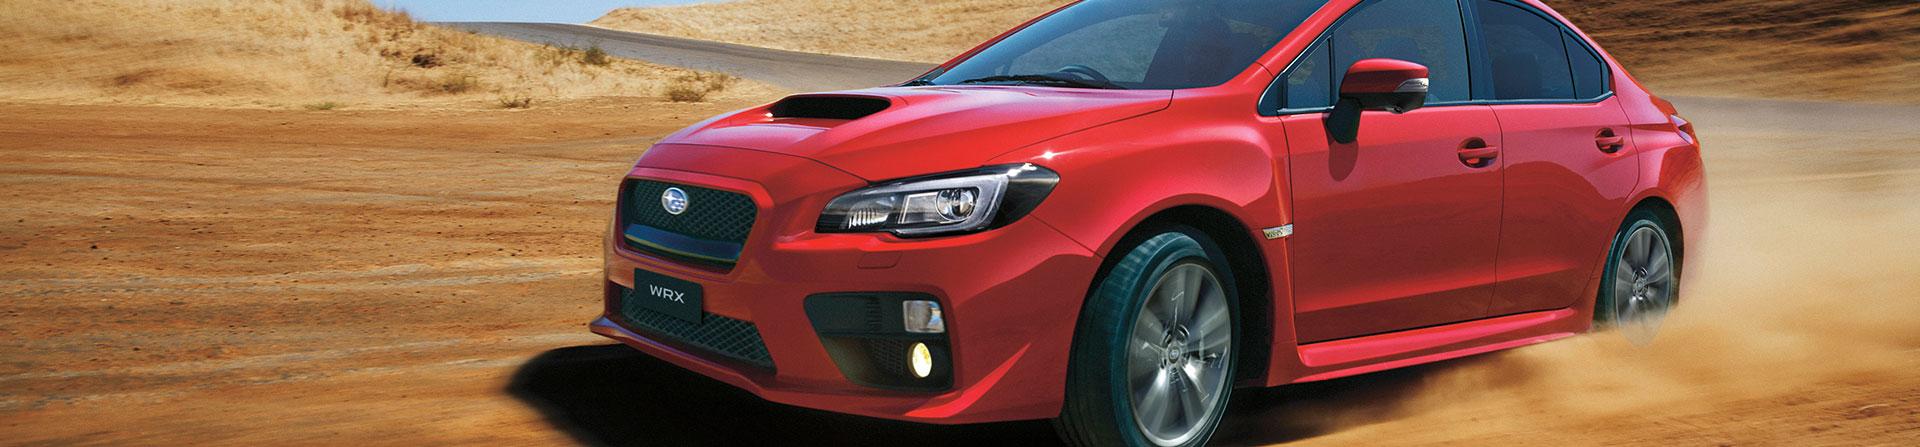 Subaru WRX Image 3